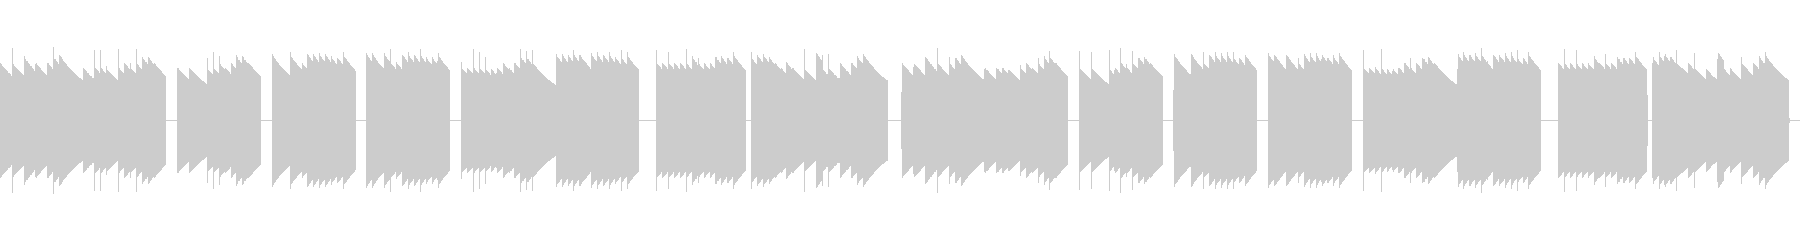 歩行者用信号機の音_とおりゃんせ_01の未再生の波形